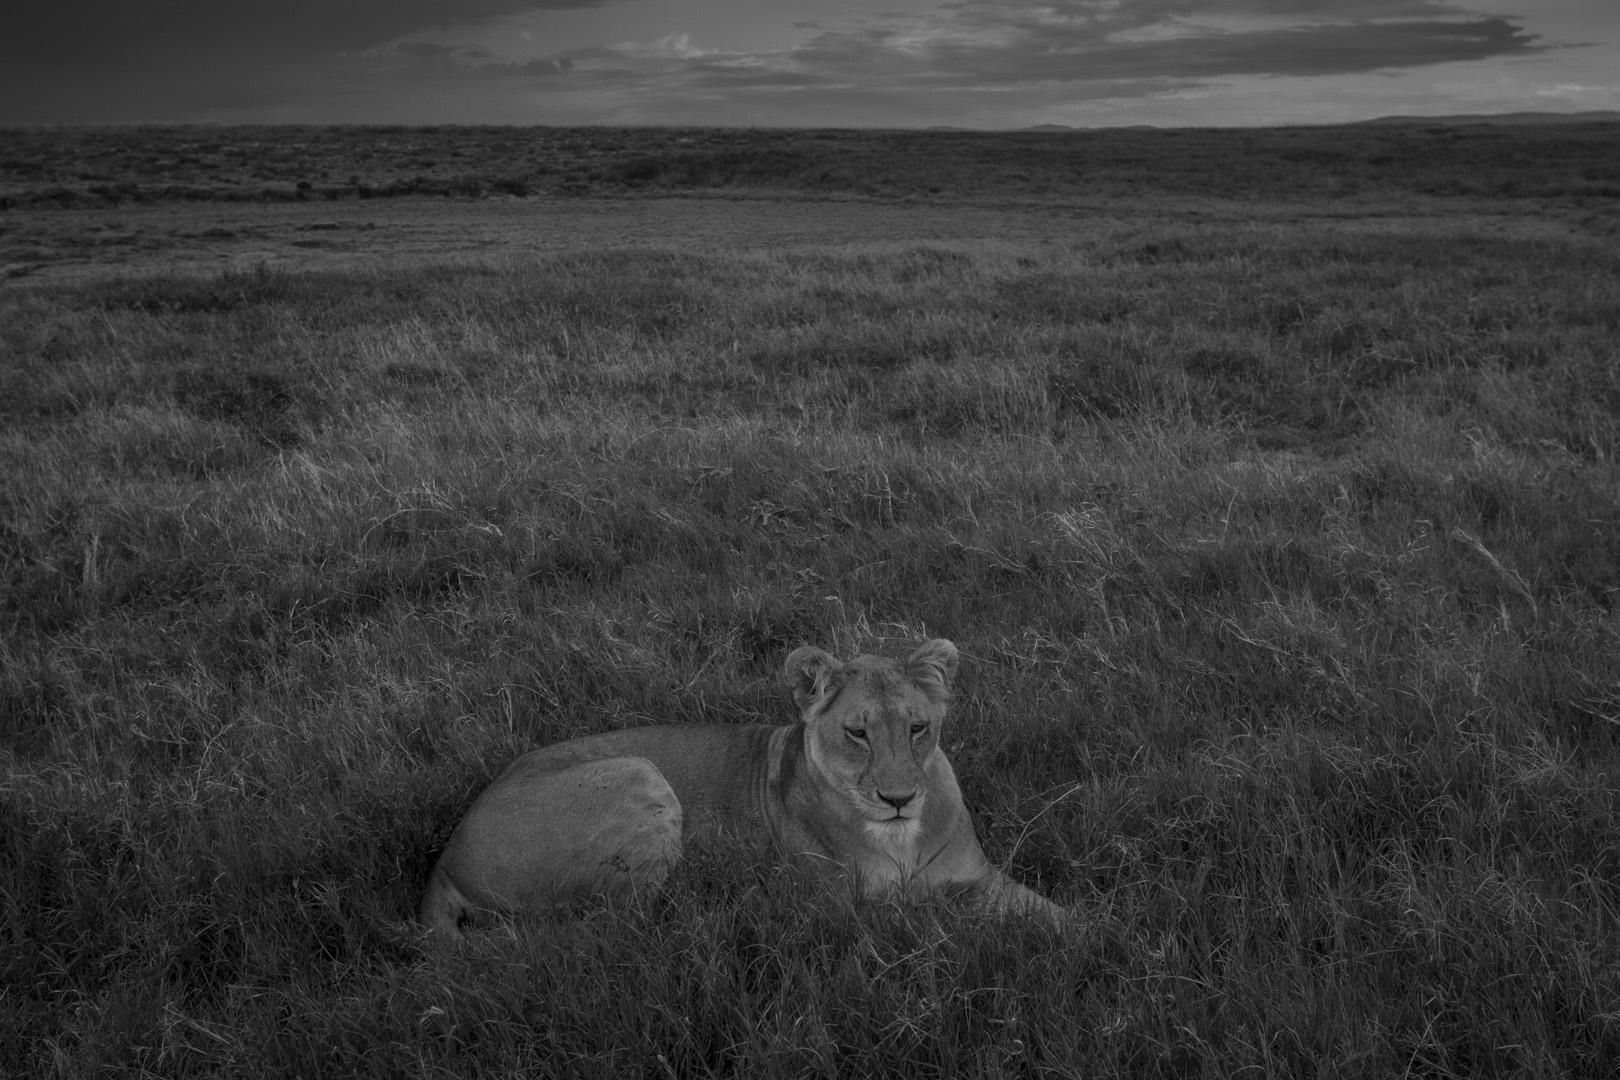 Lions-3386.jpg